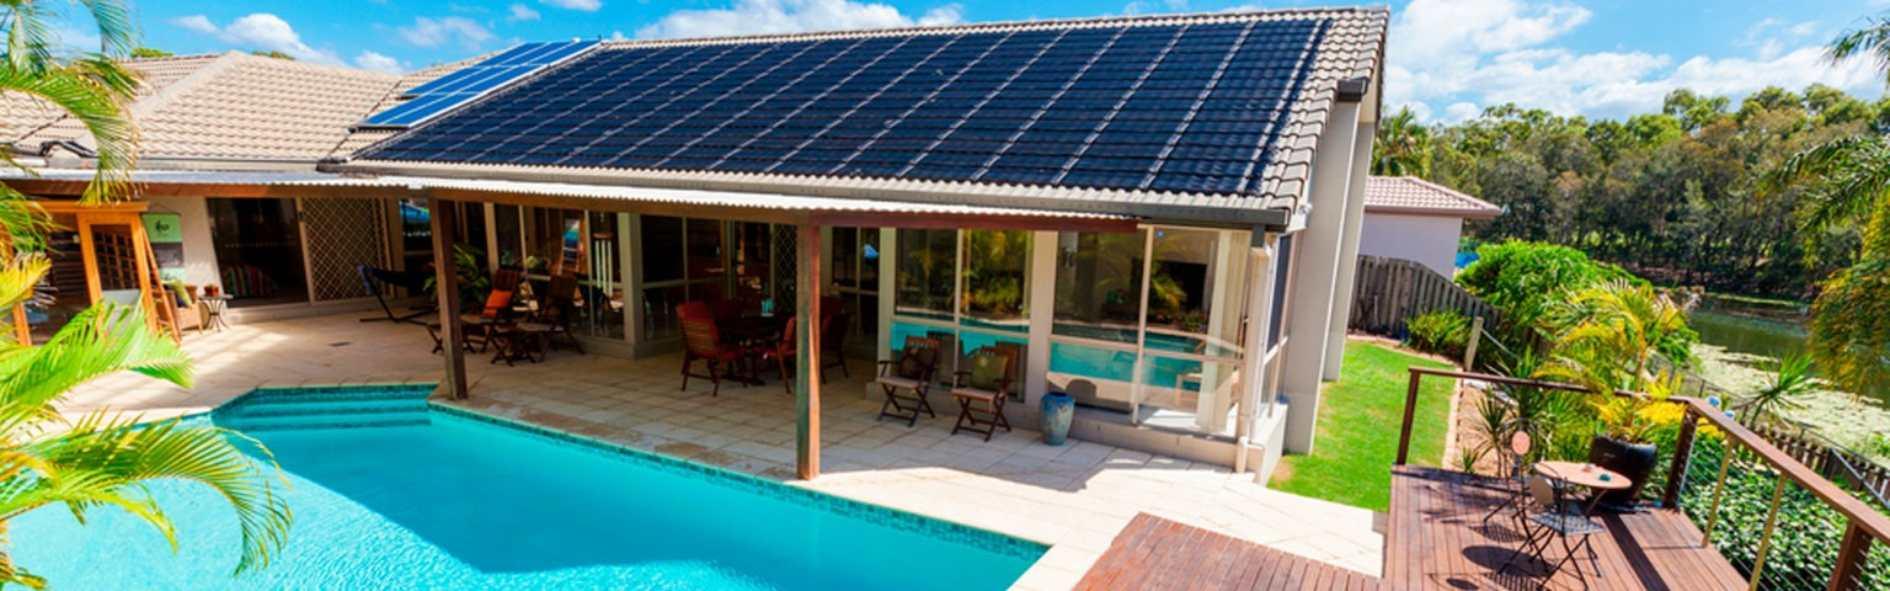 Descubre la energía solar térmica y sus ventajas